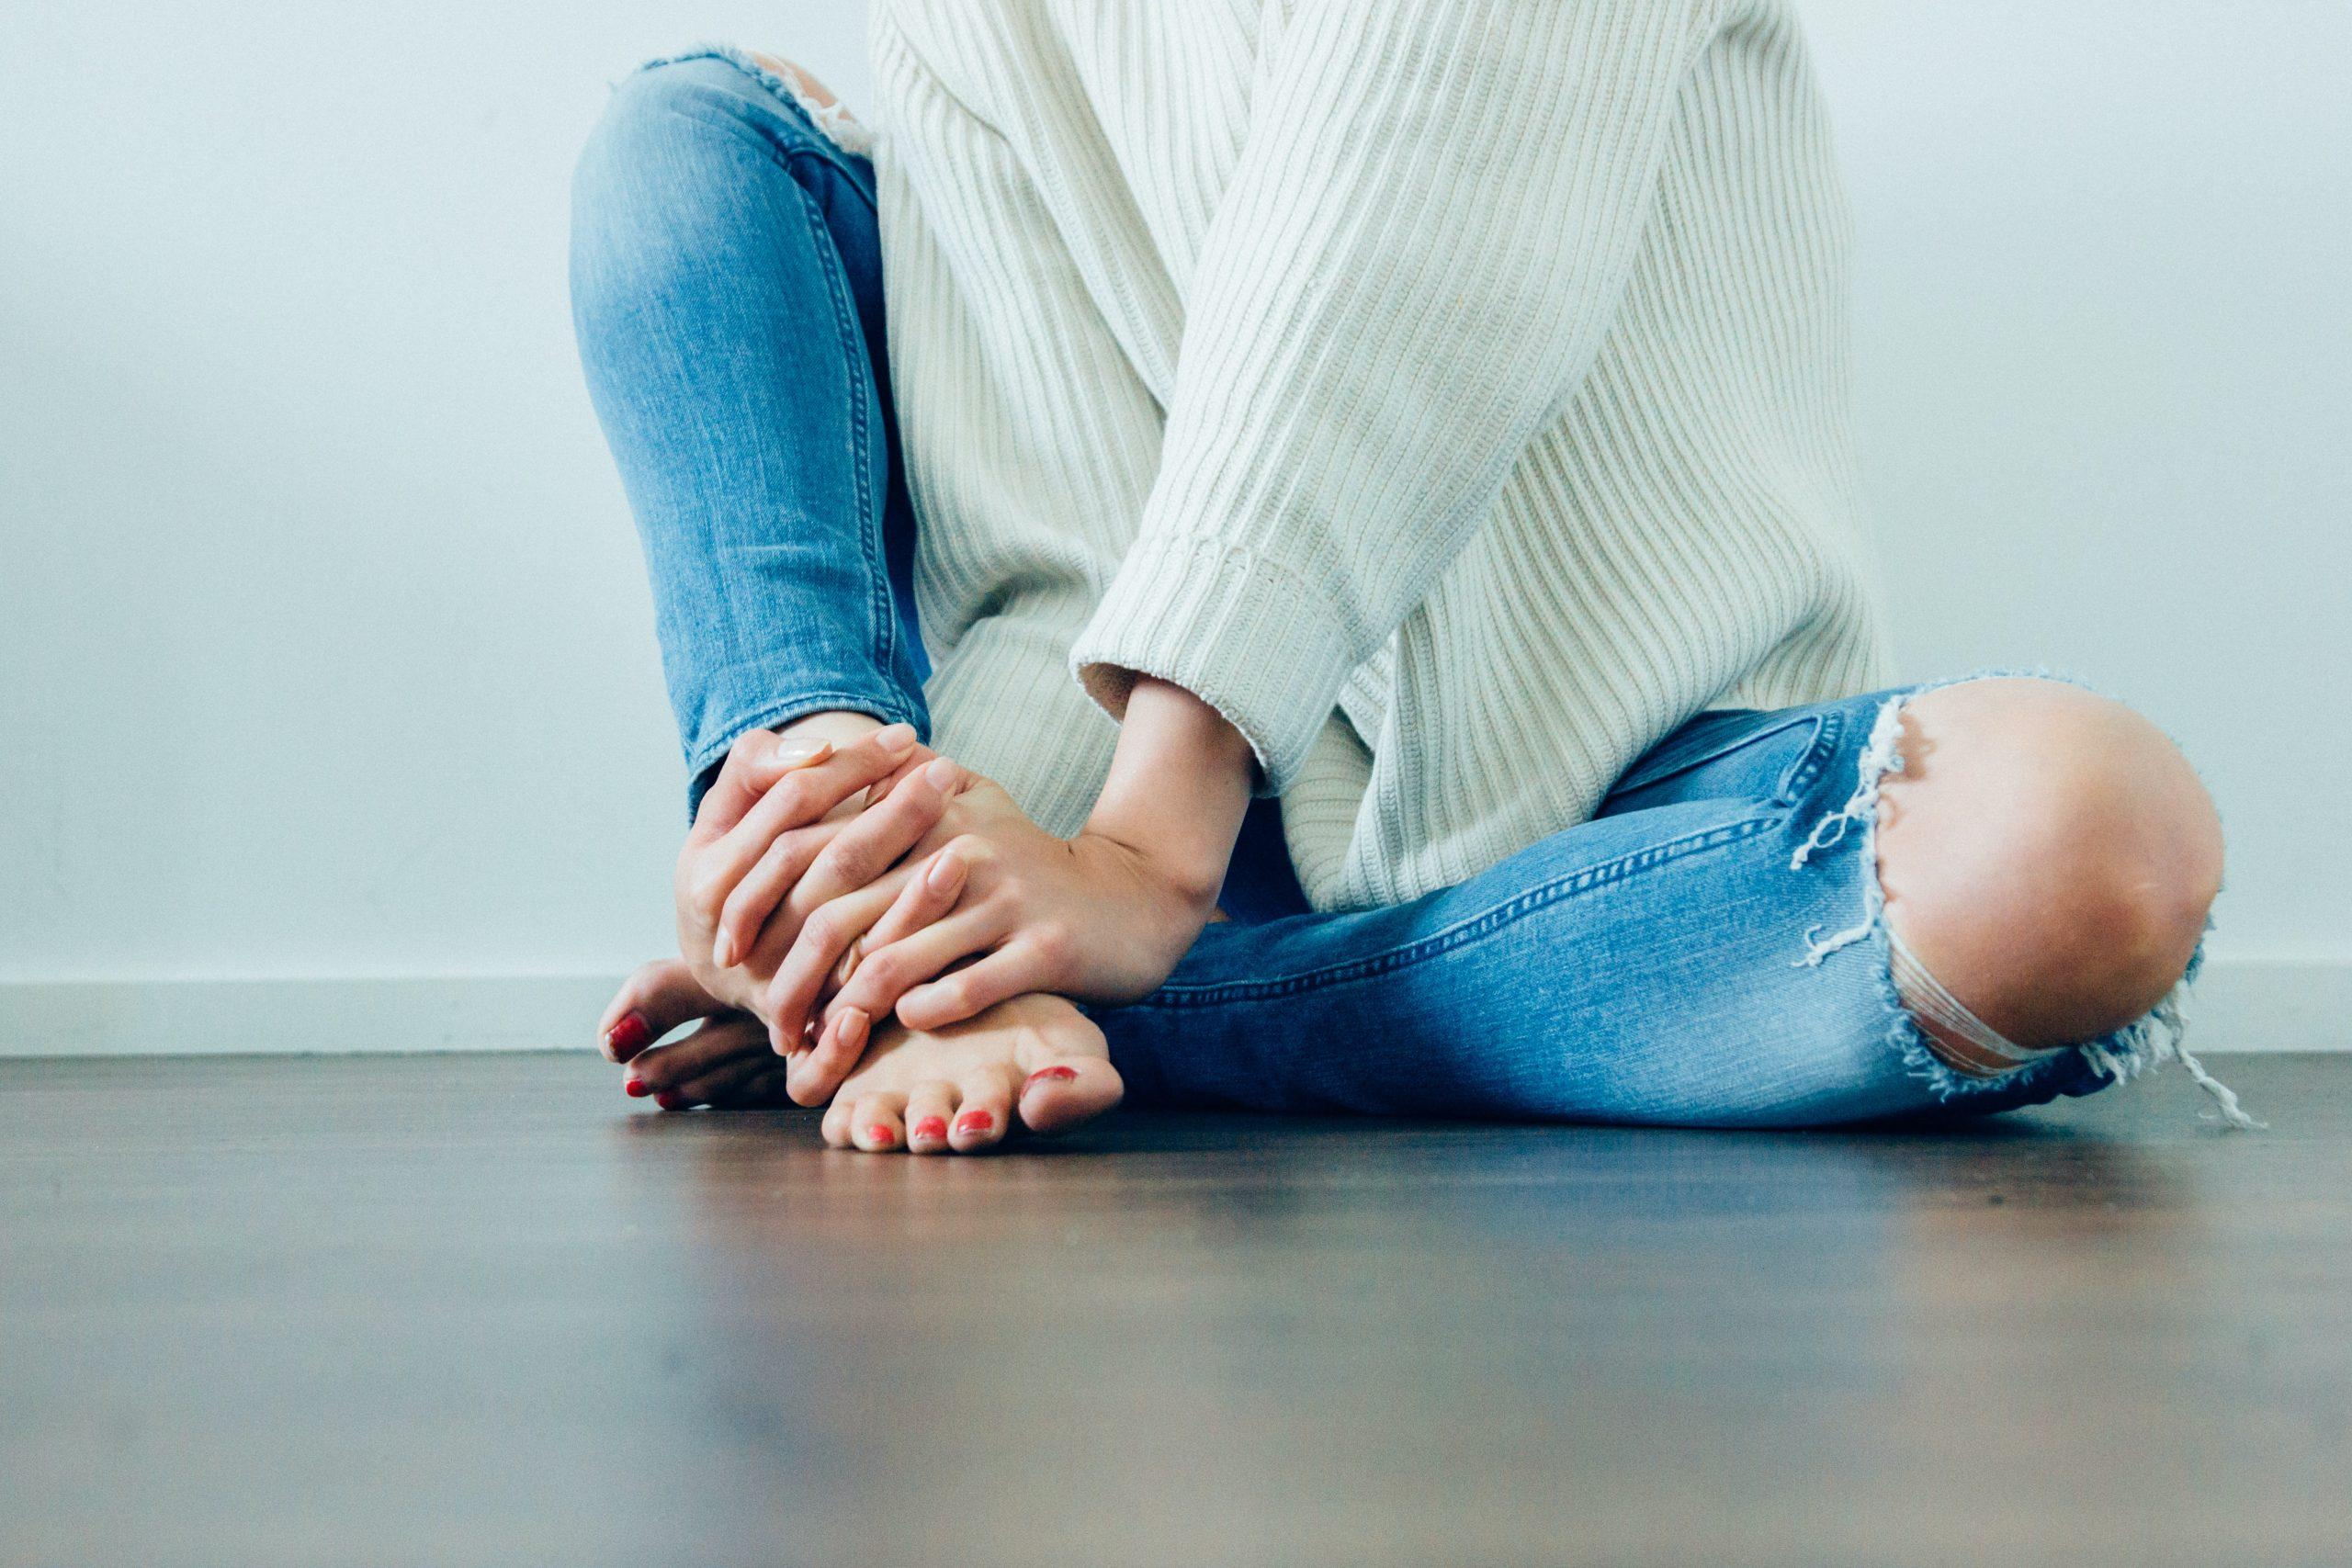 Kesehatan Juga Harus Dijaga Dari Sisi Mental, Apa Pentingnya Kesehatan Mental? - Dunia Wanita